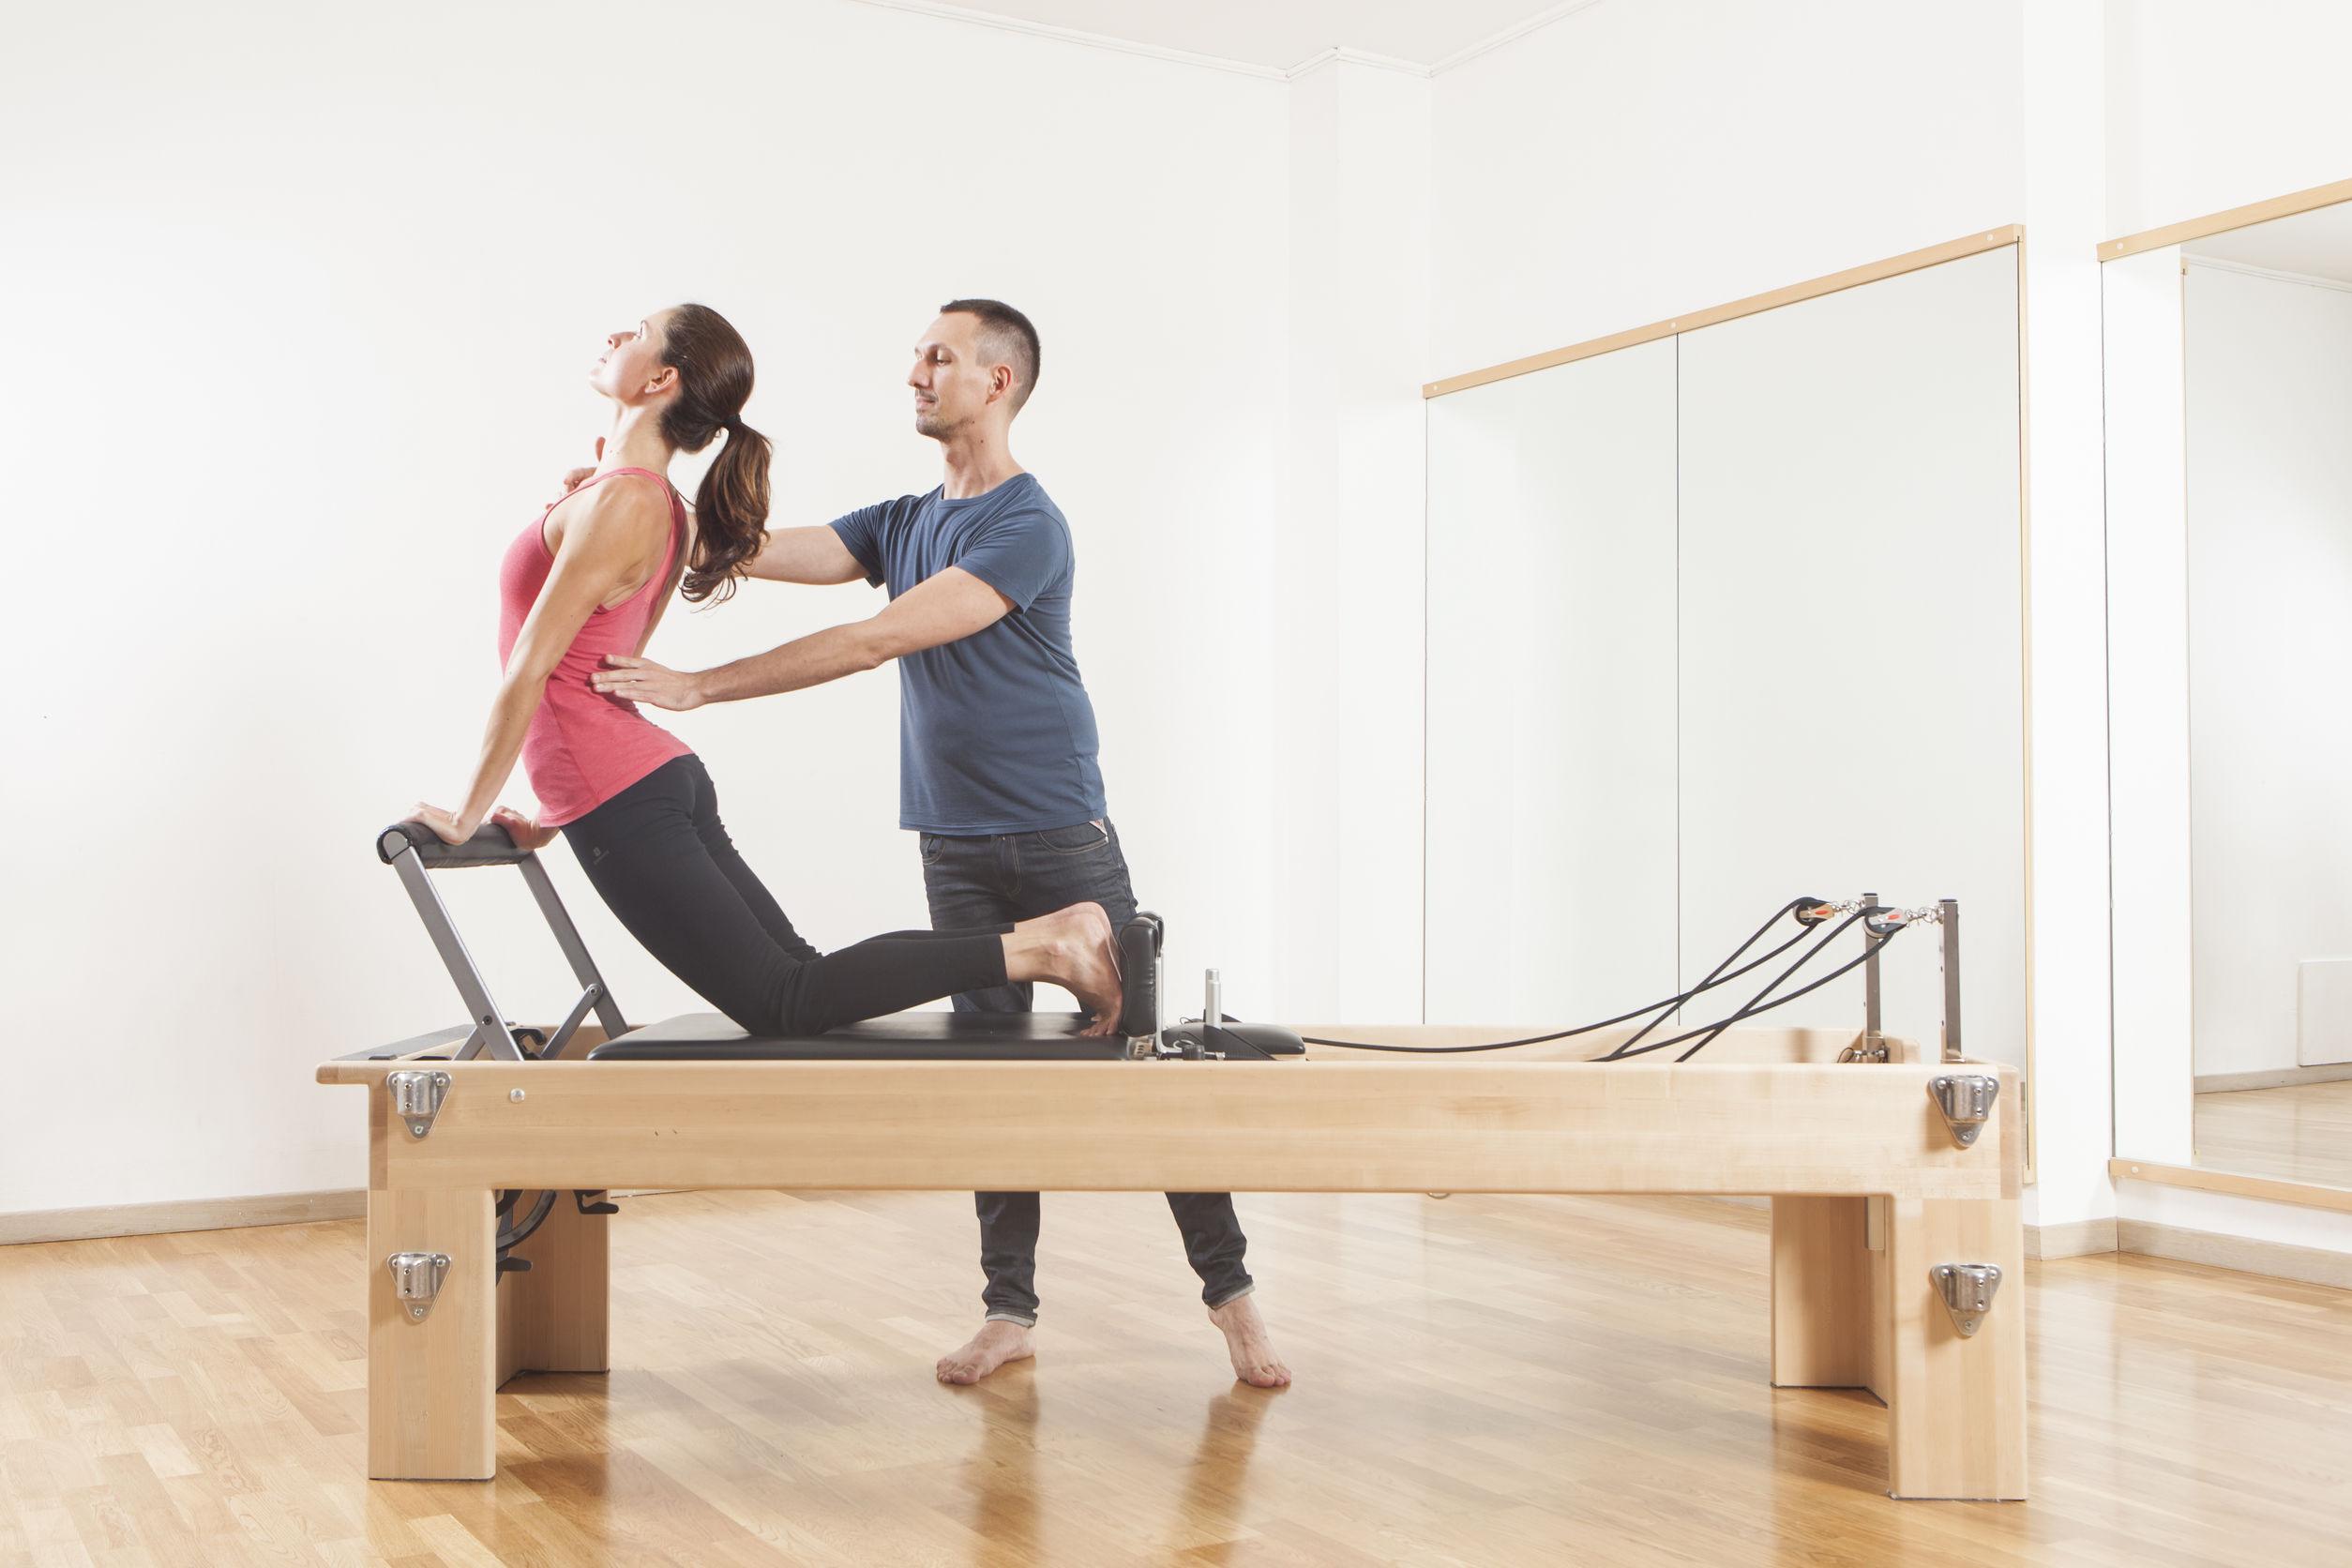 Mulher praticando pilates com ajuda da instrutor.